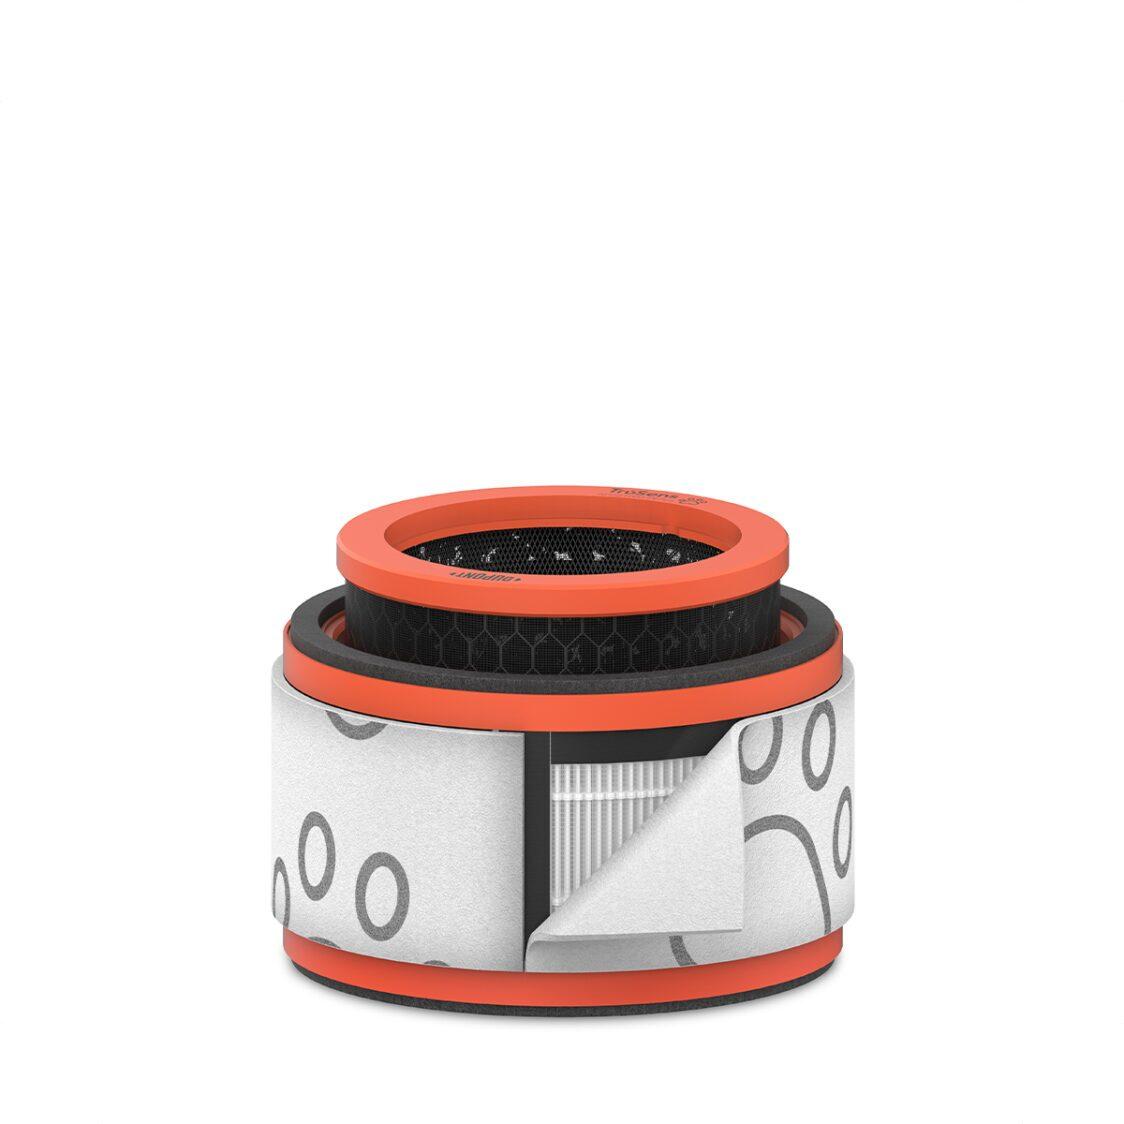 TruSens Z1000 Pet Hepa Drum Filter